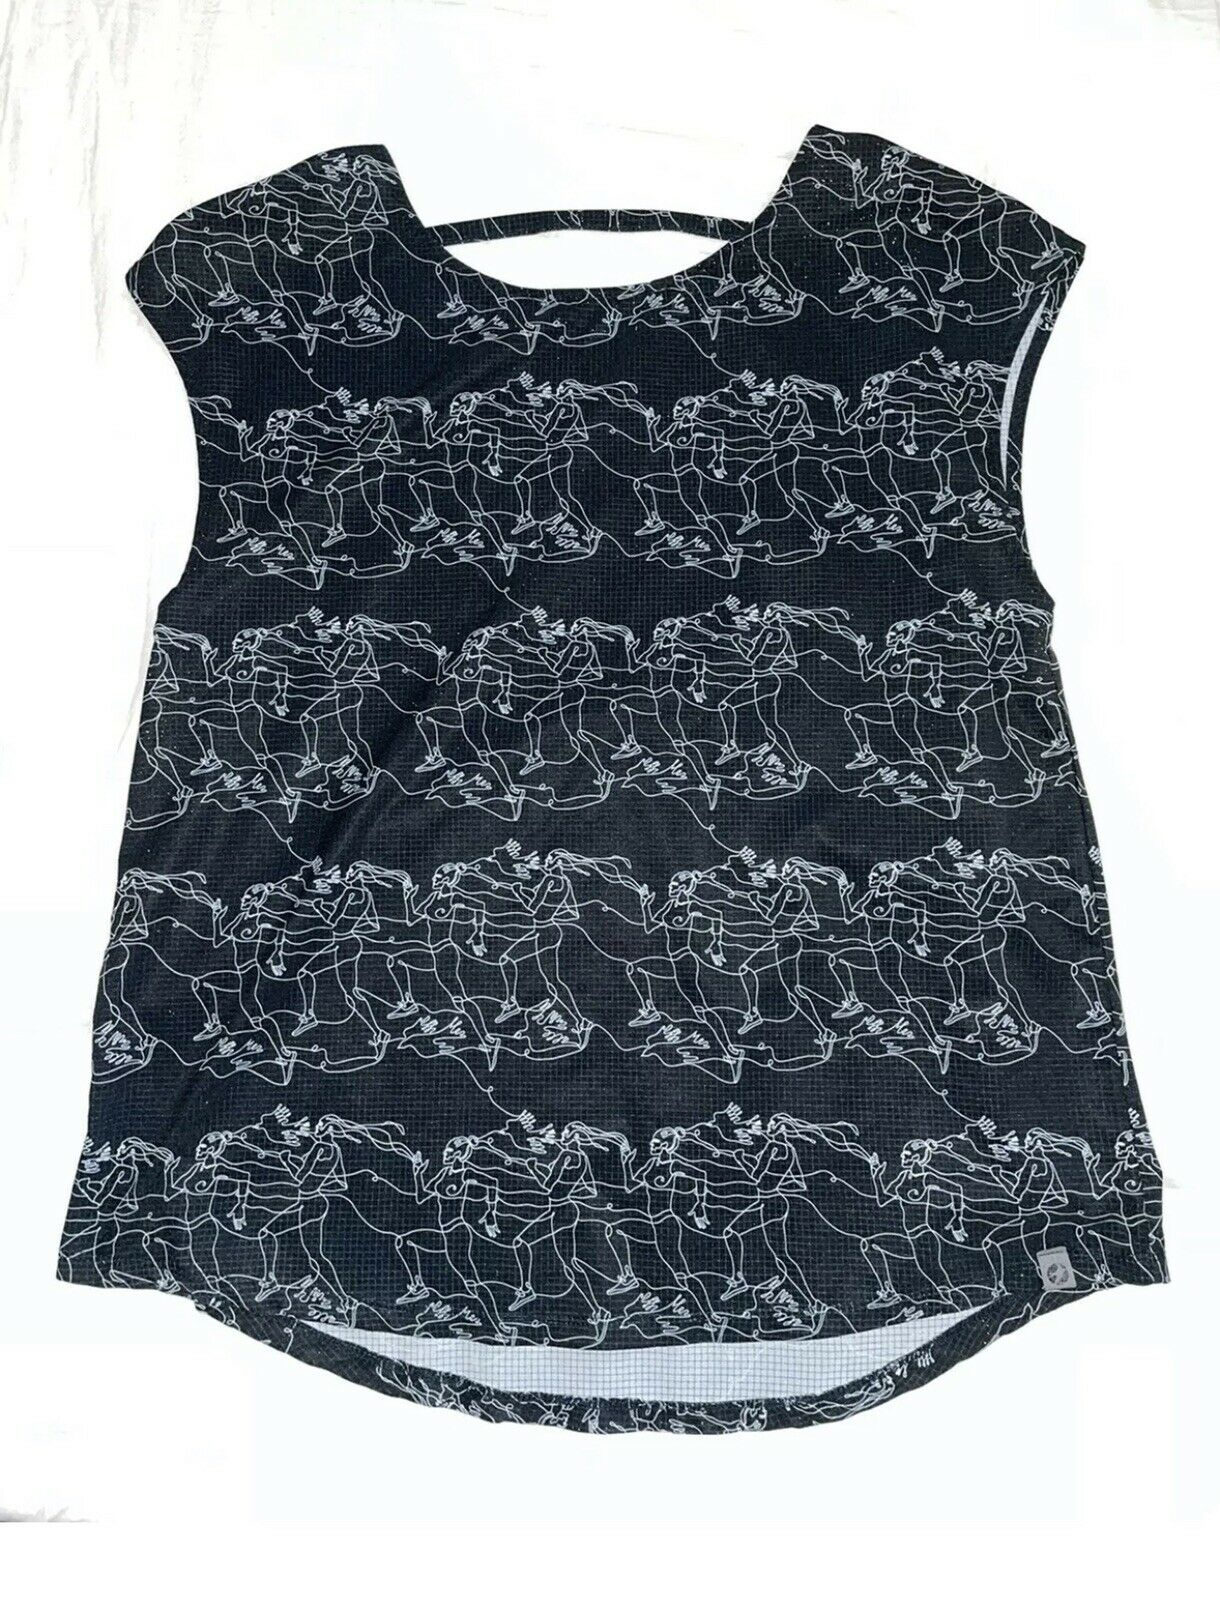 Oiselle Women's Running Cap Sleeve Top, Size 6, Black/White Backstory